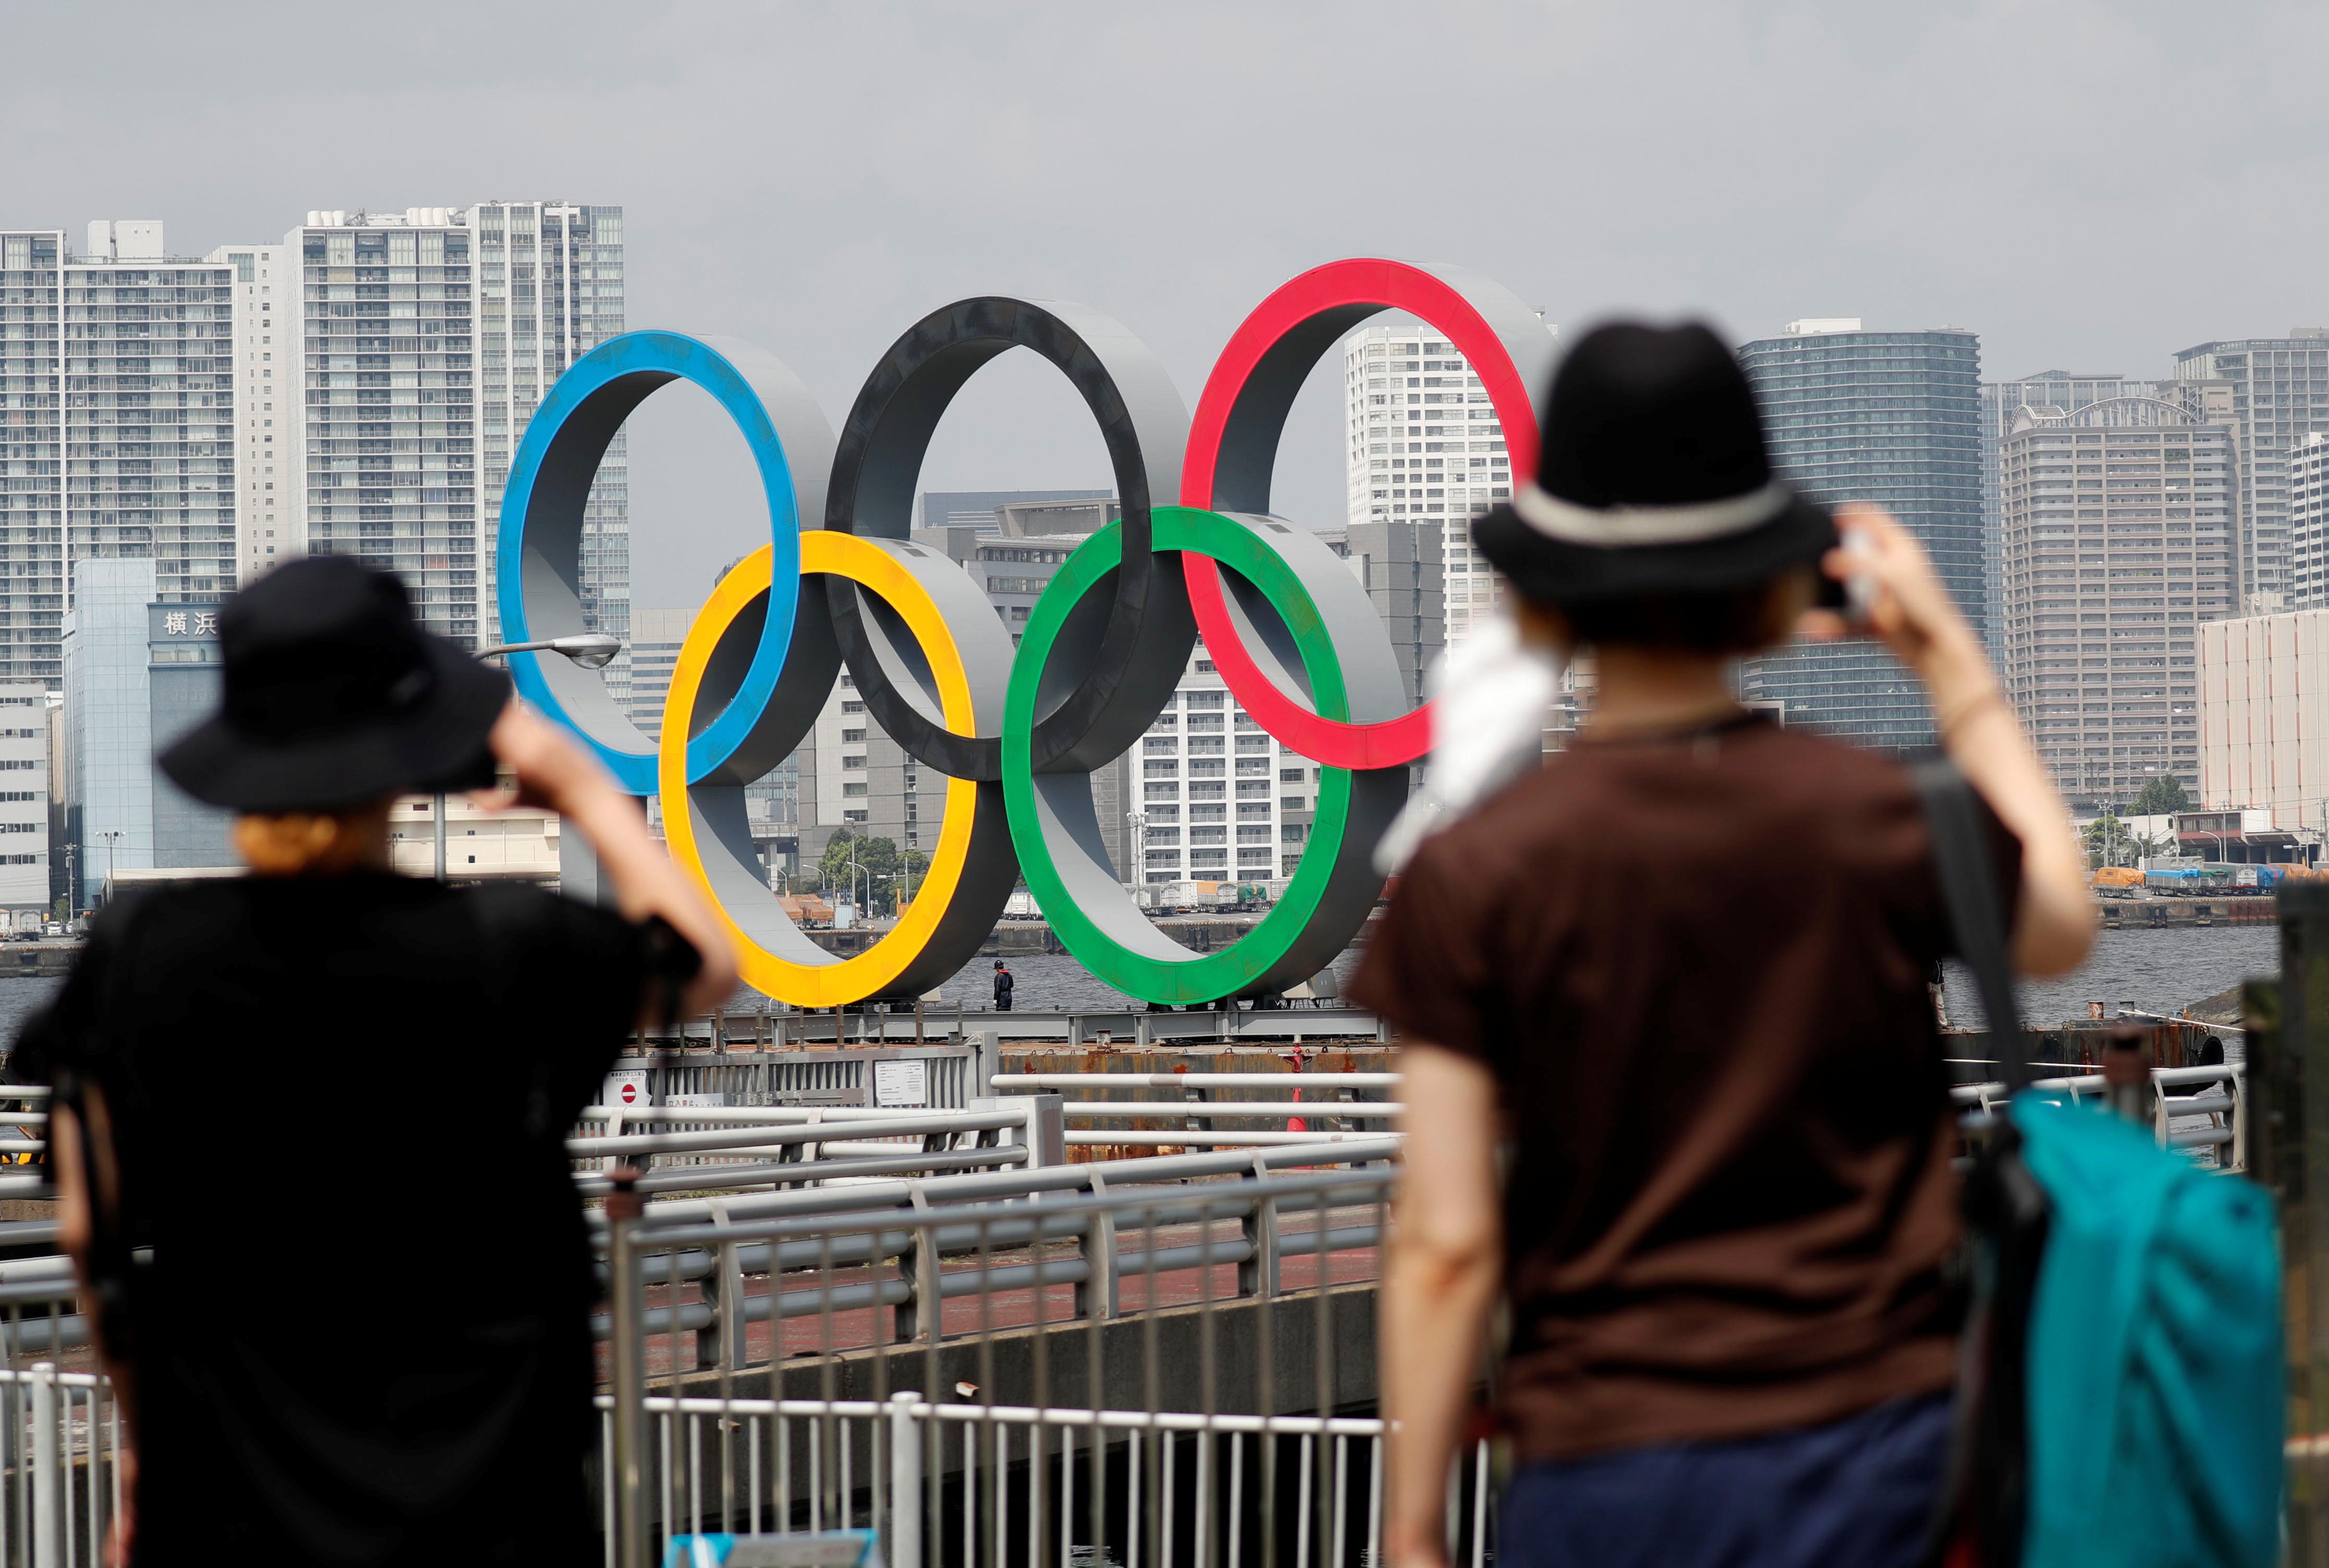 Олимпийские игры пройдут независимо от ситуации с коронавирусом